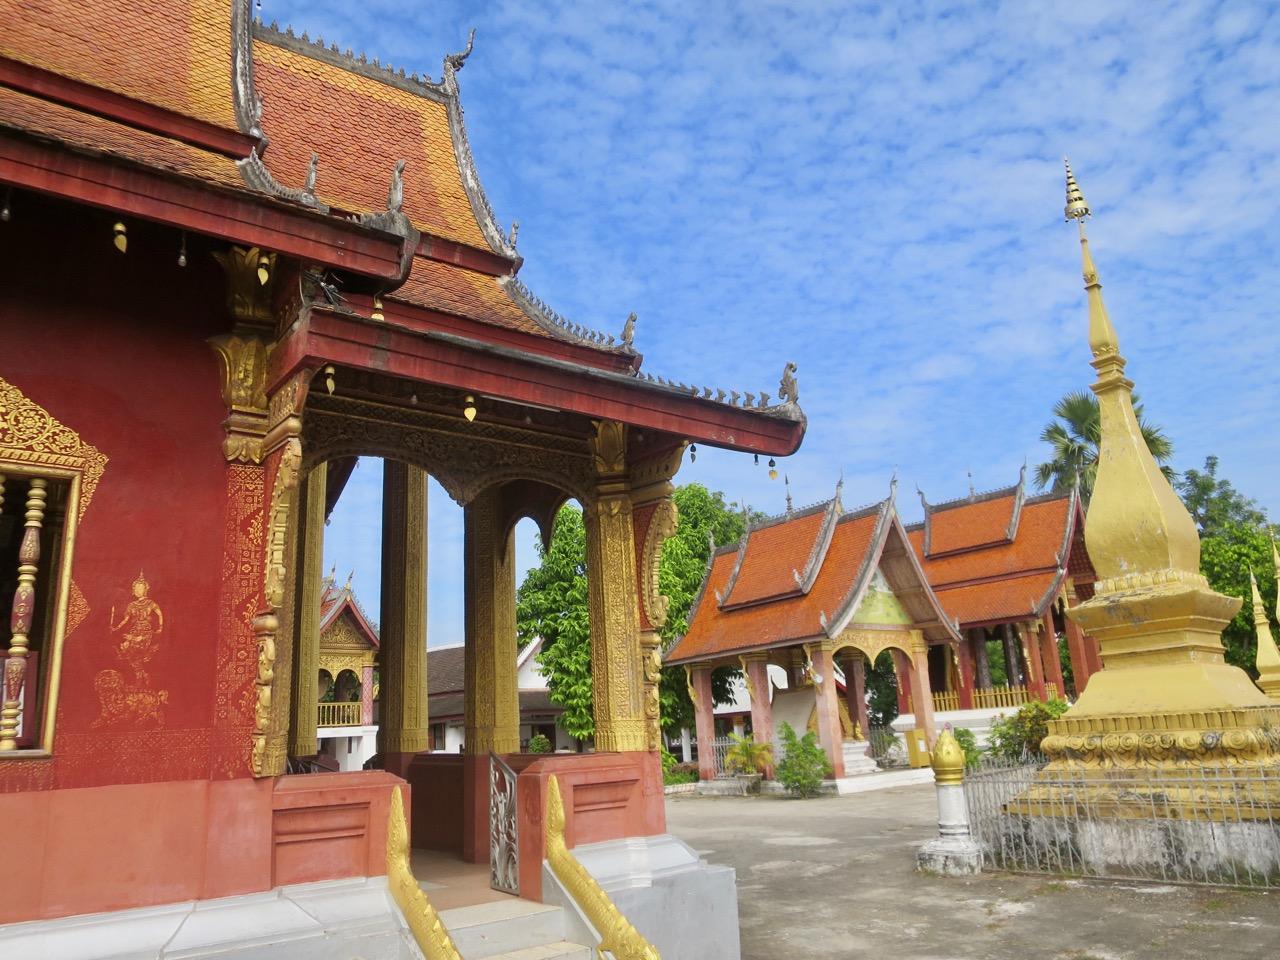 Luang Prabang 1 23